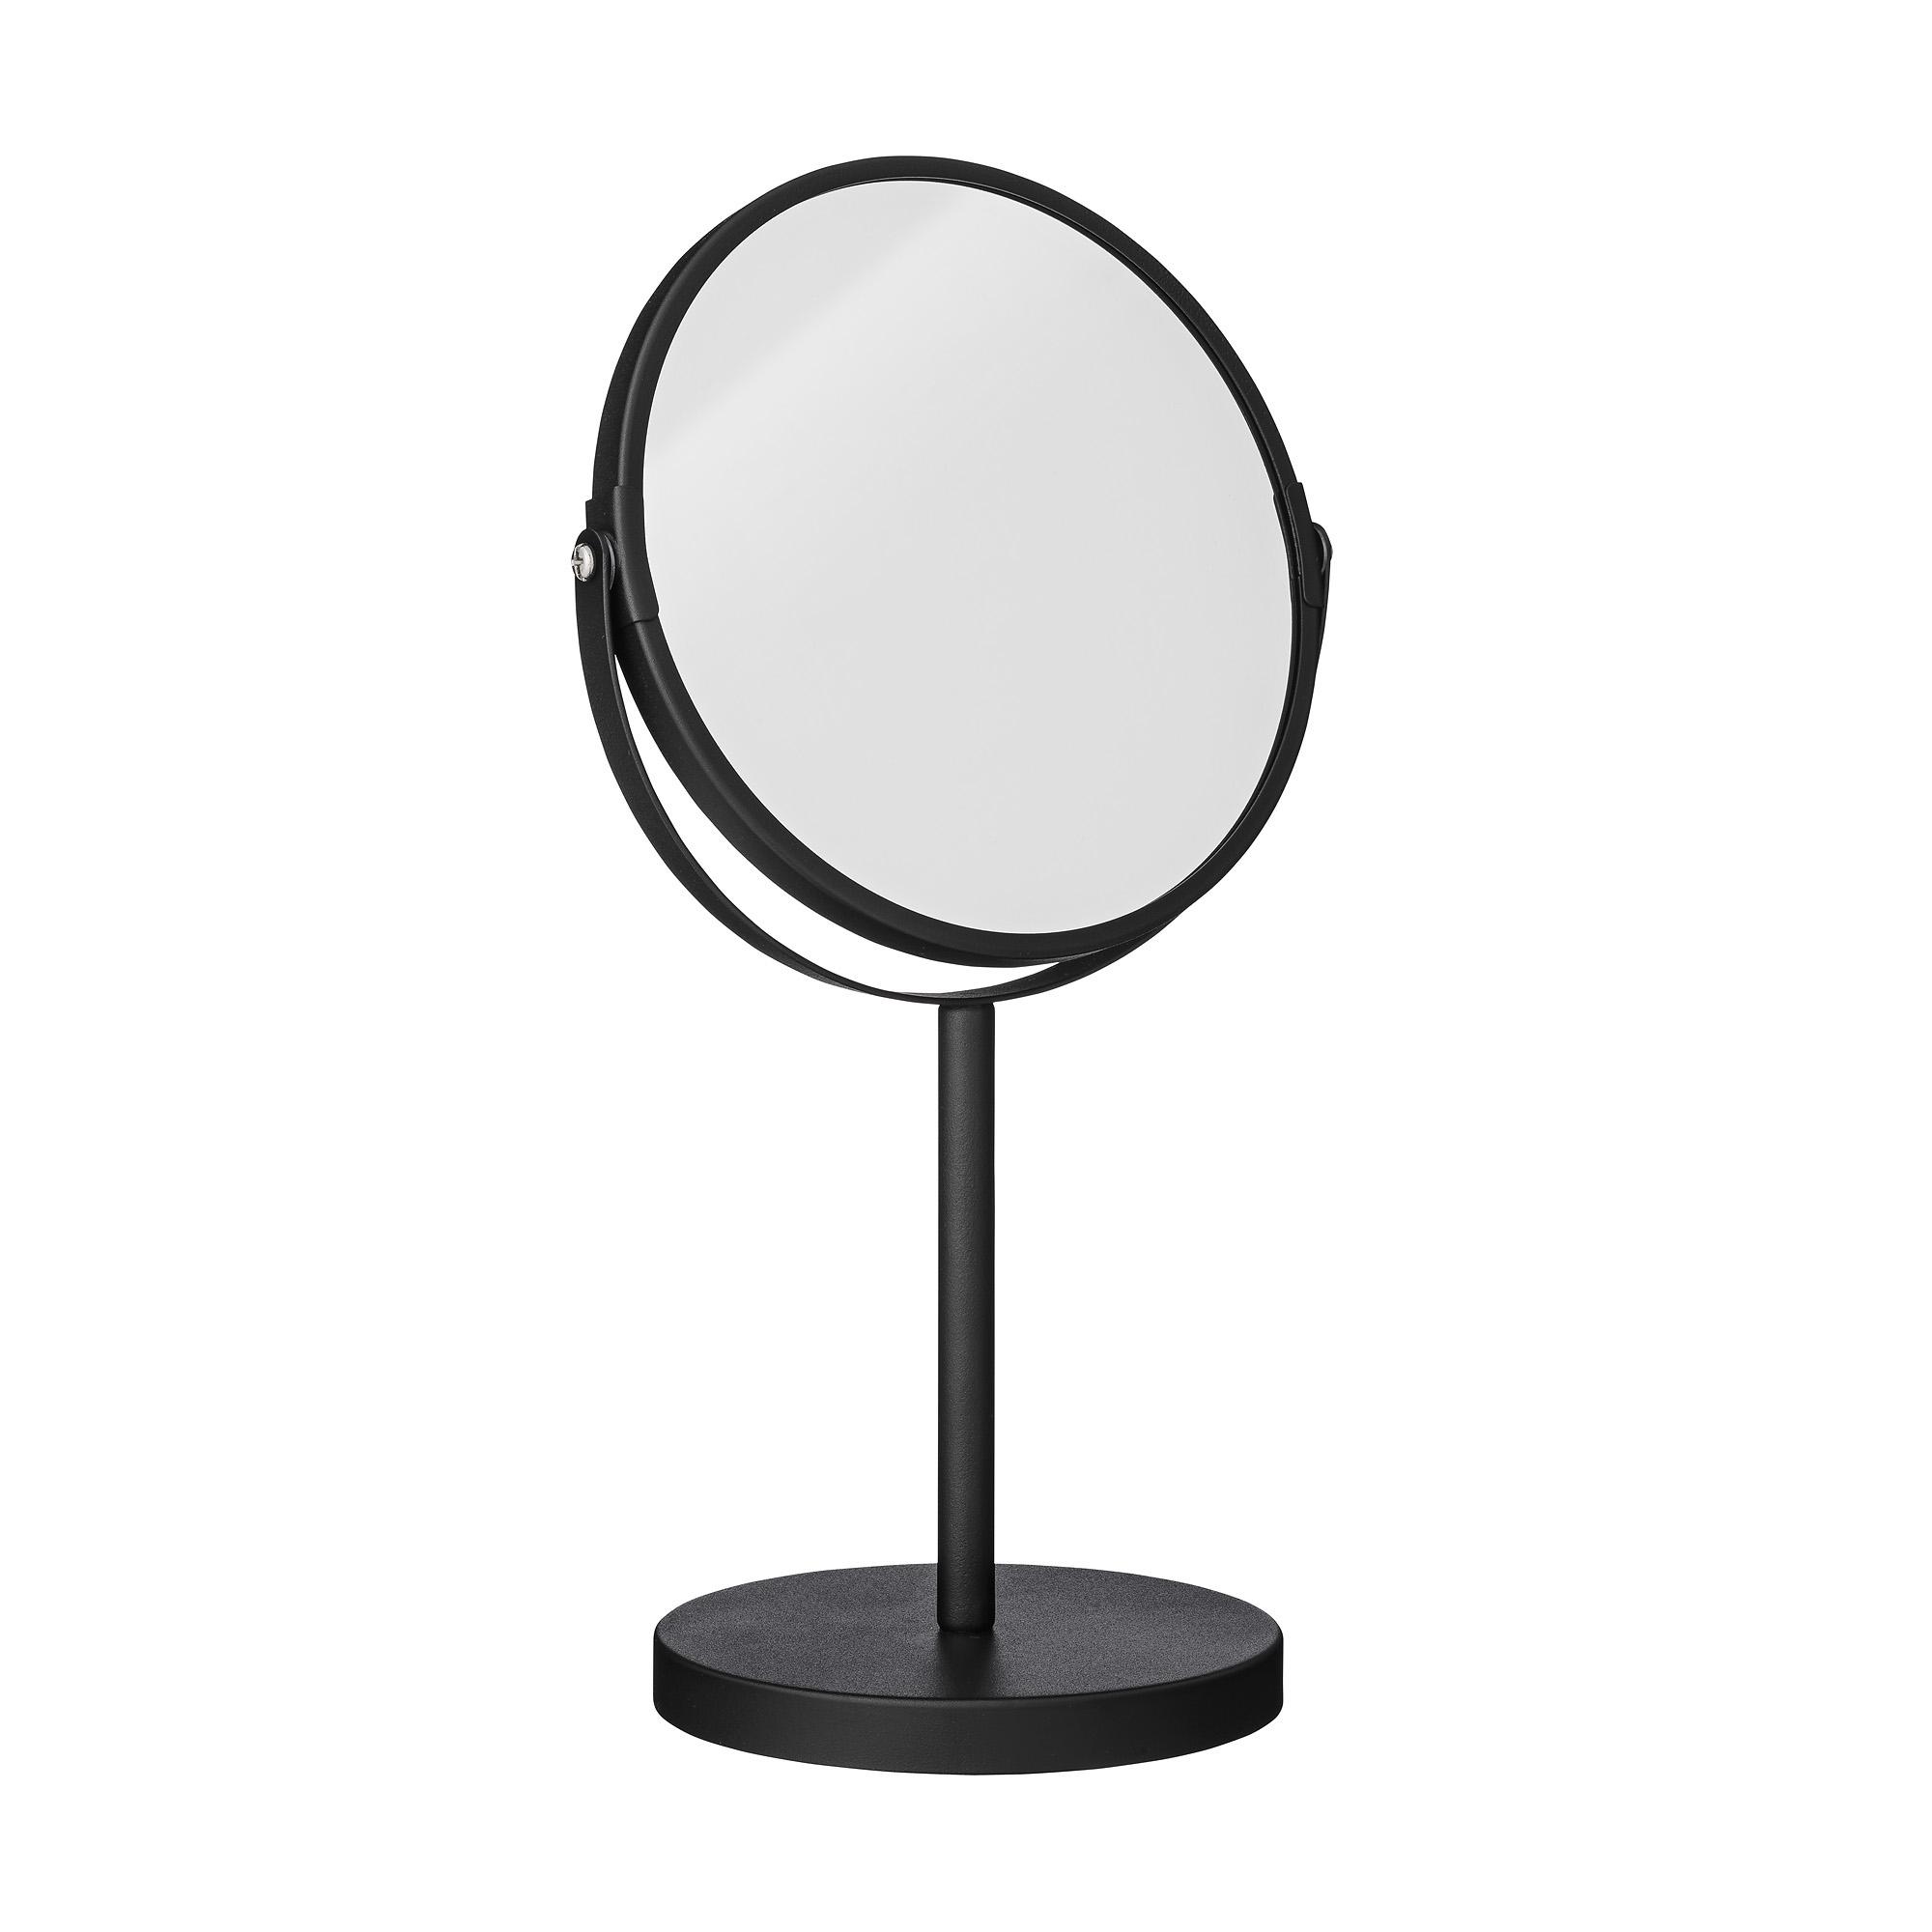 Oglinda cosmetica de masa, Goldy Negru, Ø20xH35 cm imagine